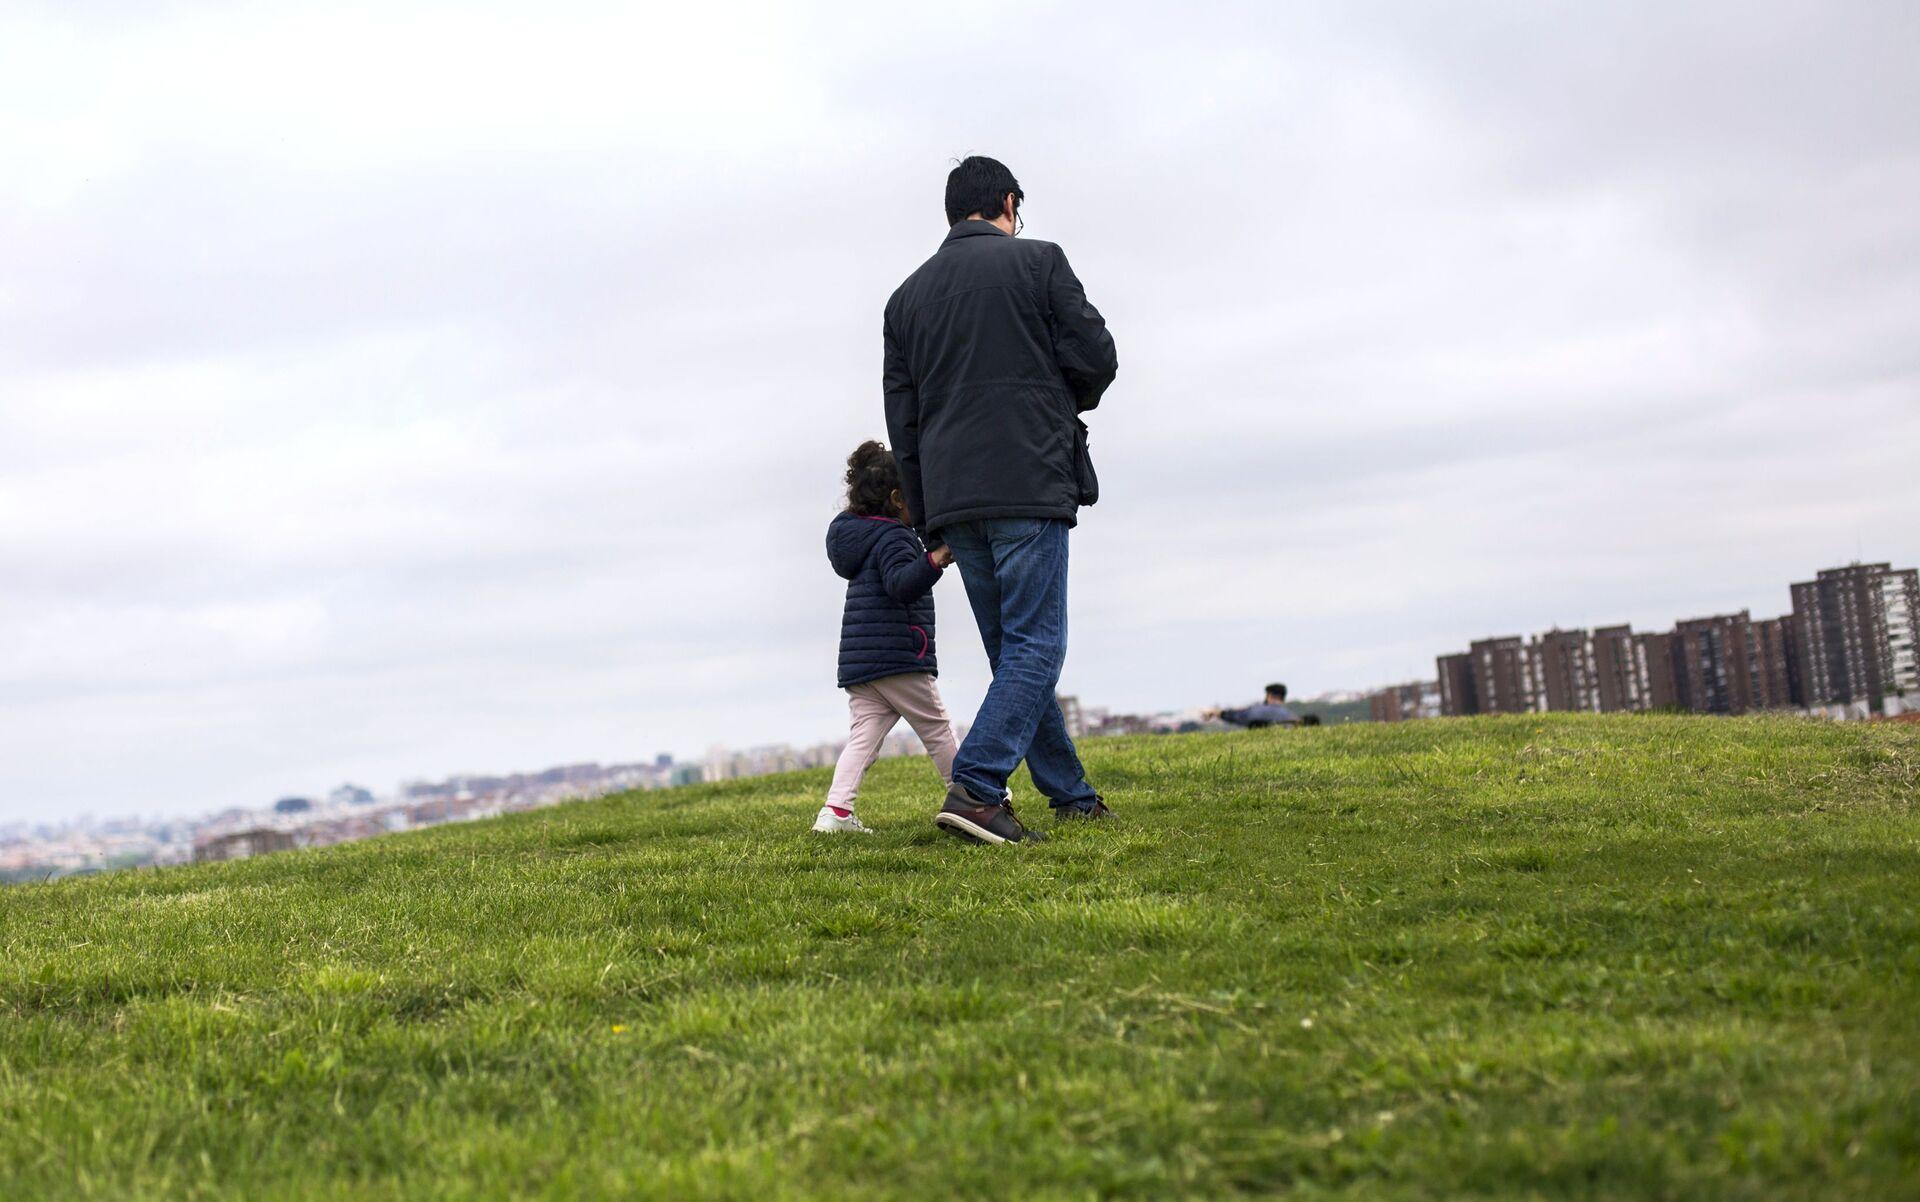 Padre con sua figlia in un parco - Sputnik Italia, 1920, 18.05.2021